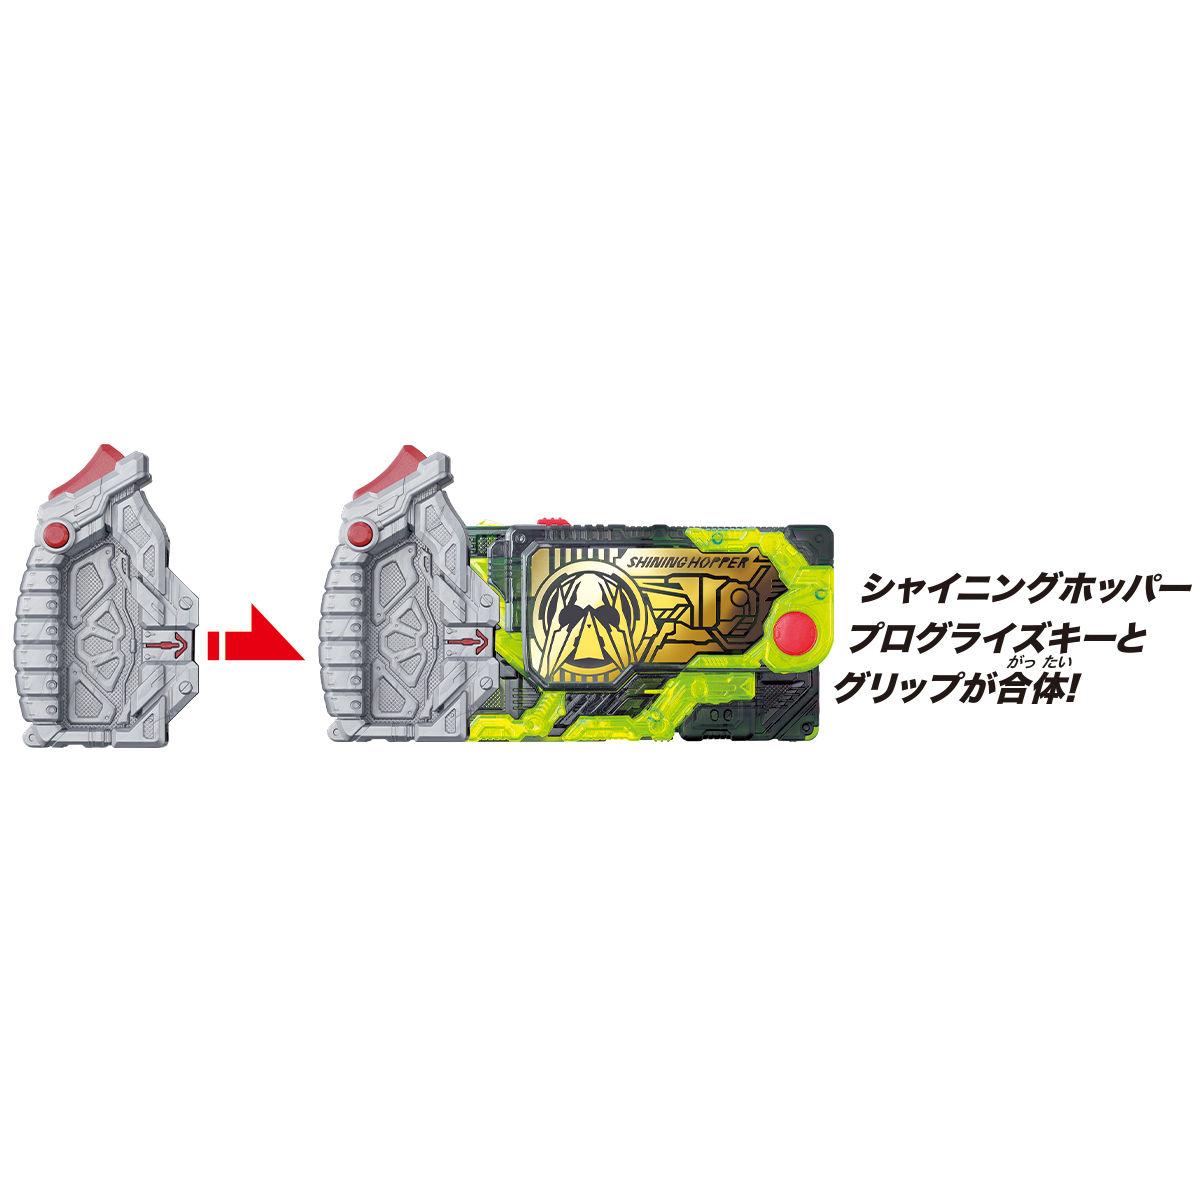 仮面ライダーゼロワン『DXアサルトウルフプログライズキー』変身なりきり-006